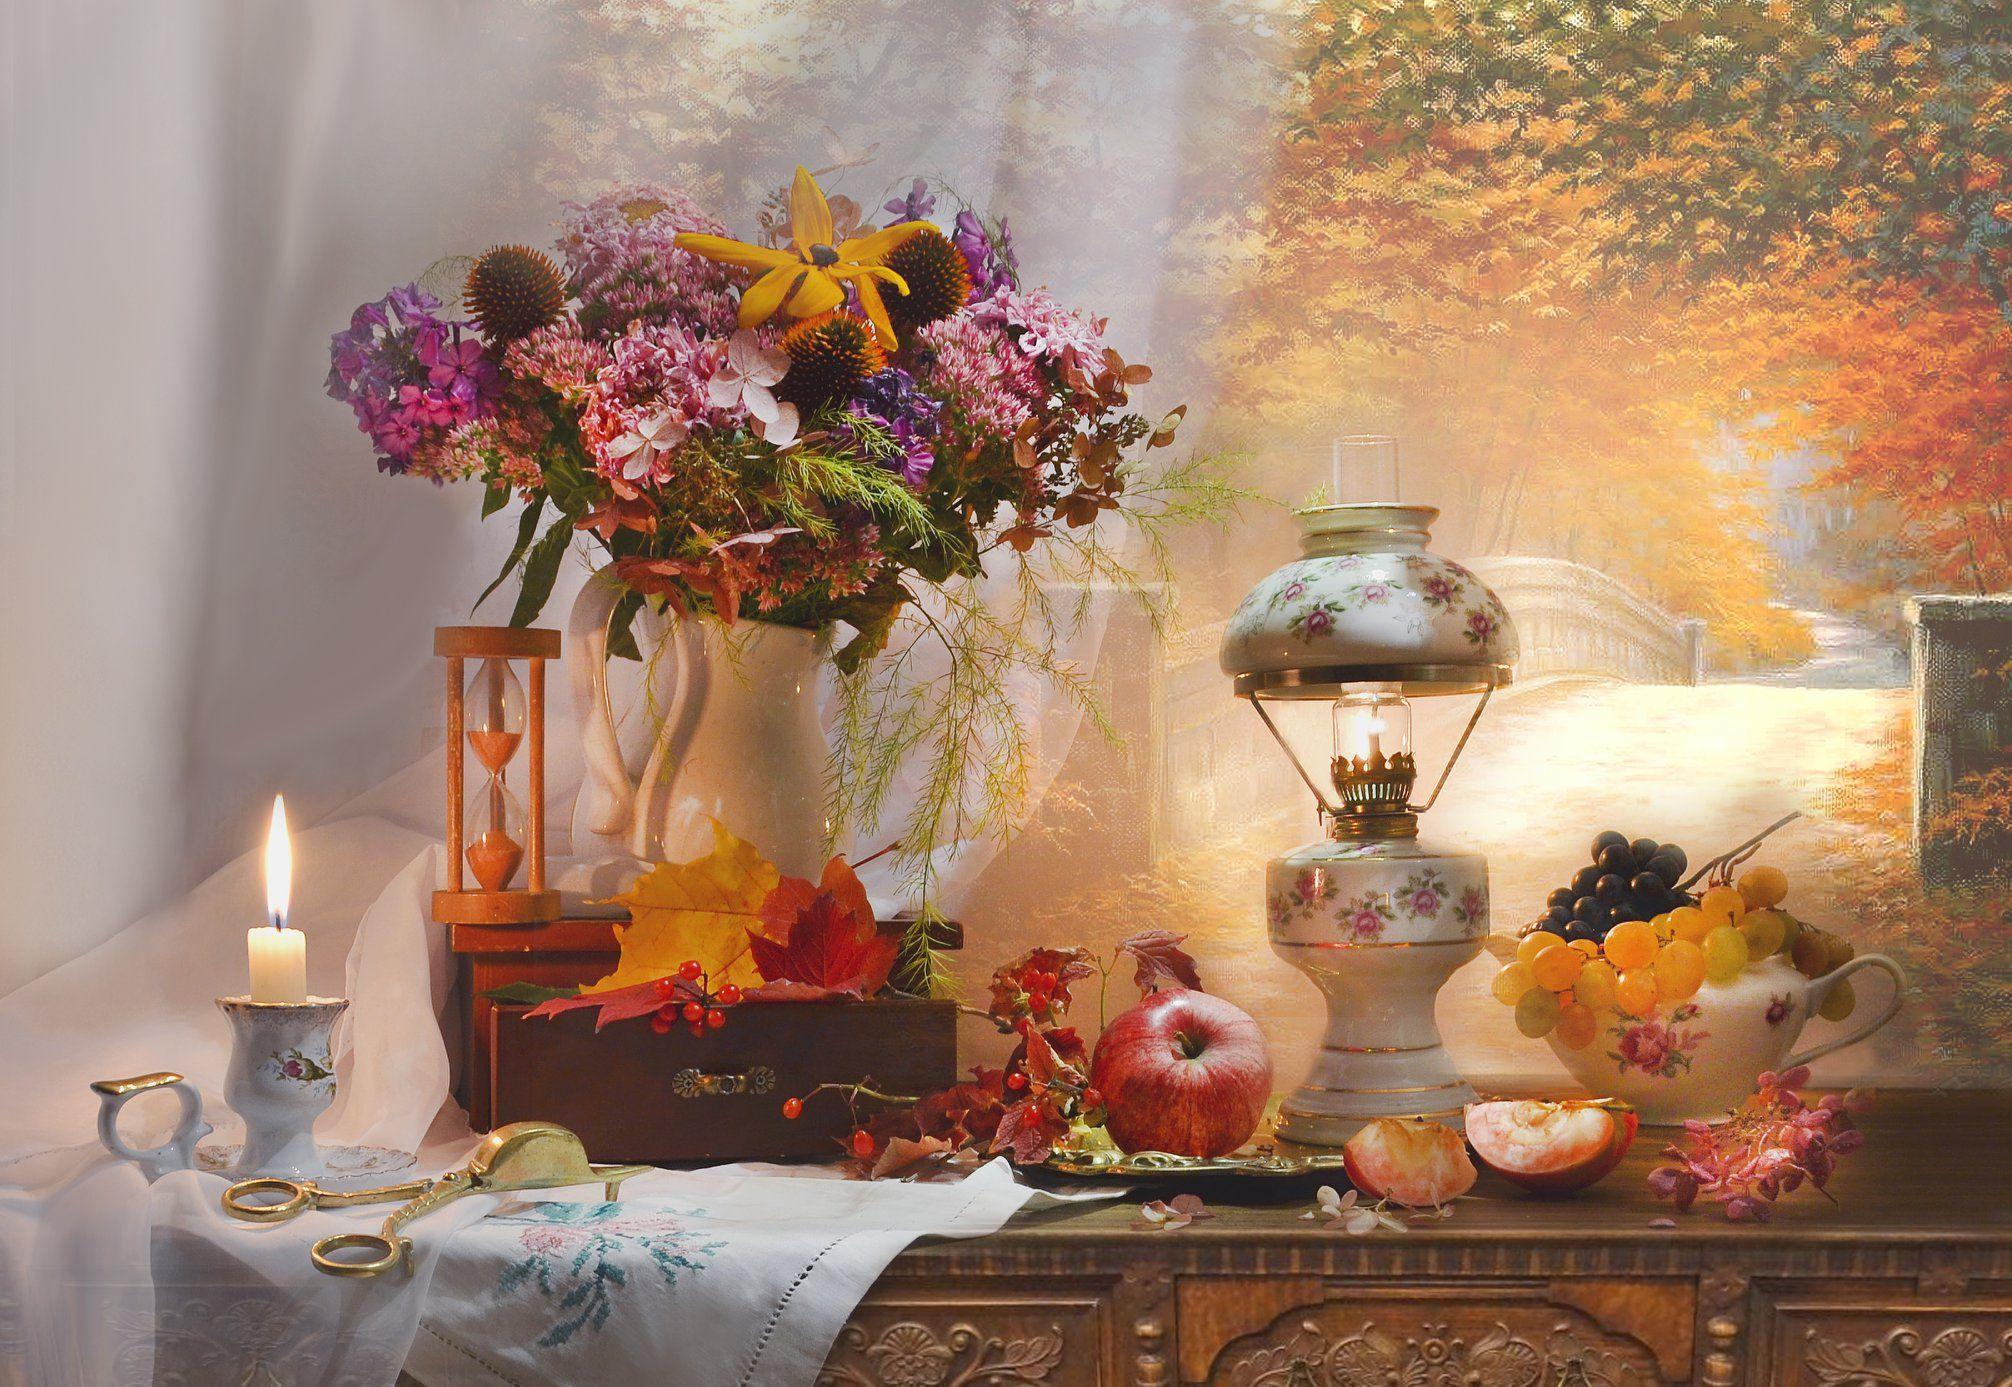 still life, натюрморт, цветы, фото натюрморт, калина, осень, октябрь,виноград ,лампа, настроение, подсвечник,  свеча, свеча, кленовые листья, Колова Валентина